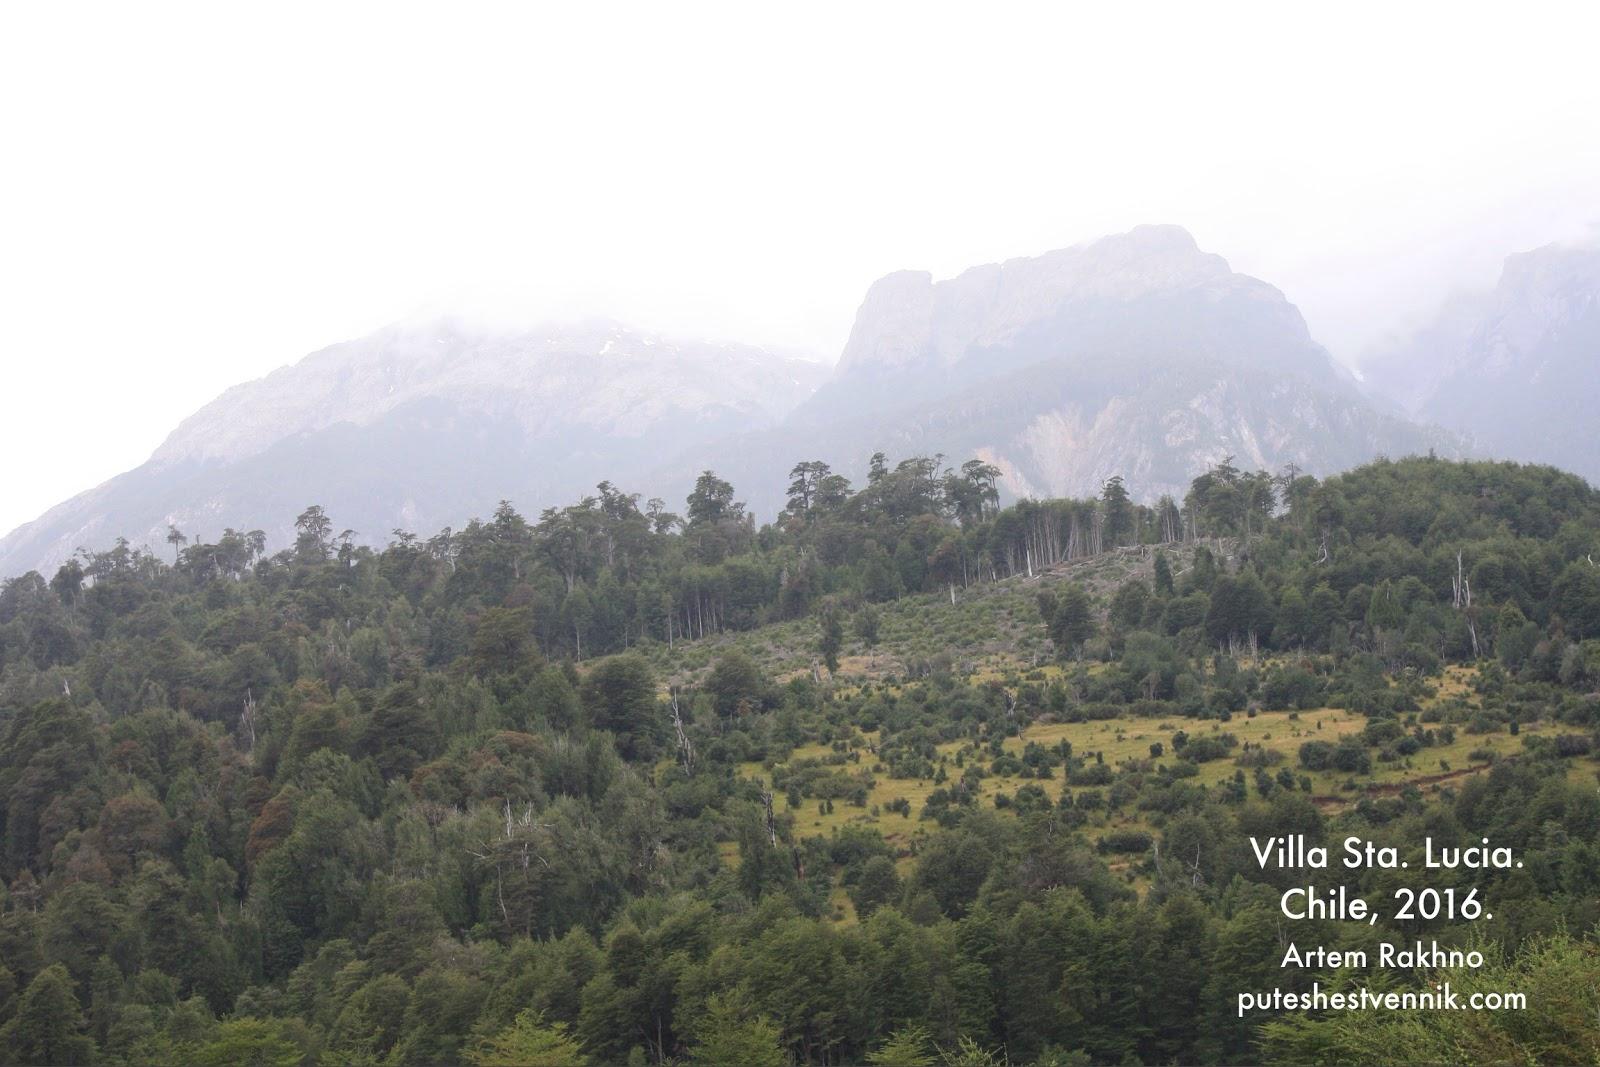 Лес и опушка на склоне гор в Чили